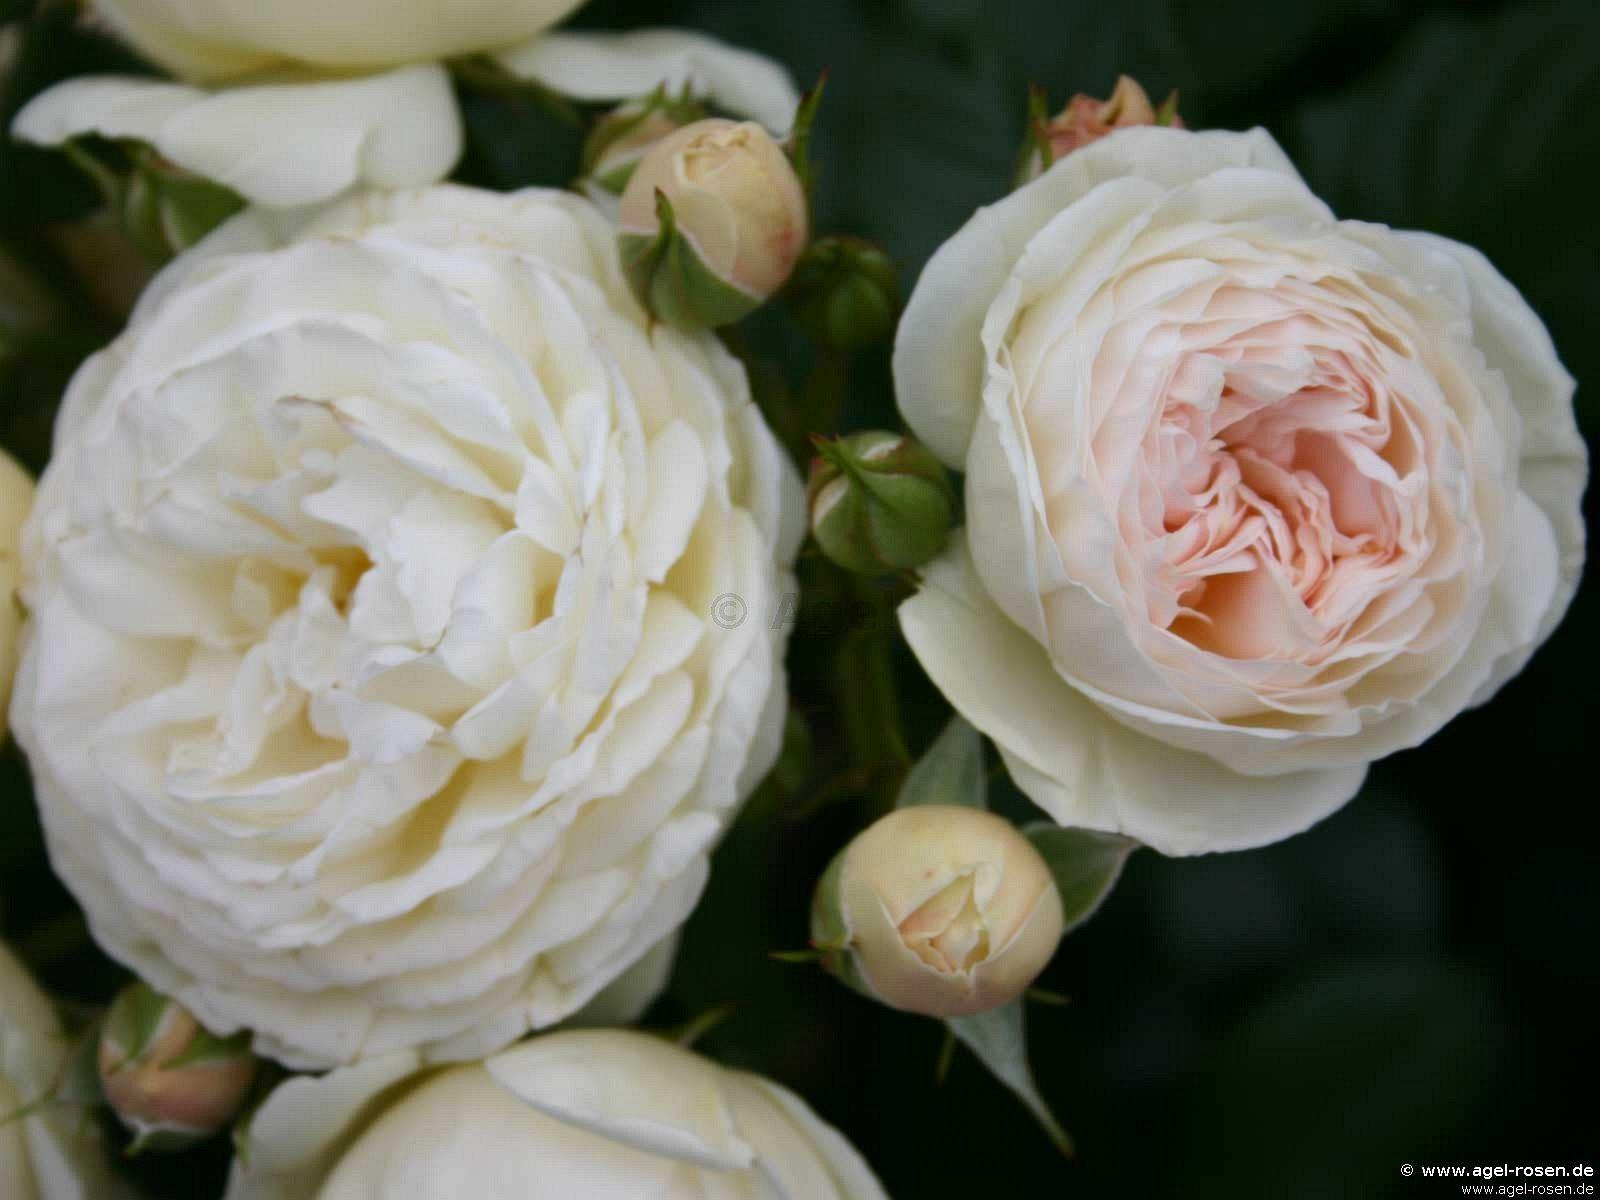 rose artemis online kaufen agel rosen 8 liter topf. Black Bedroom Furniture Sets. Home Design Ideas